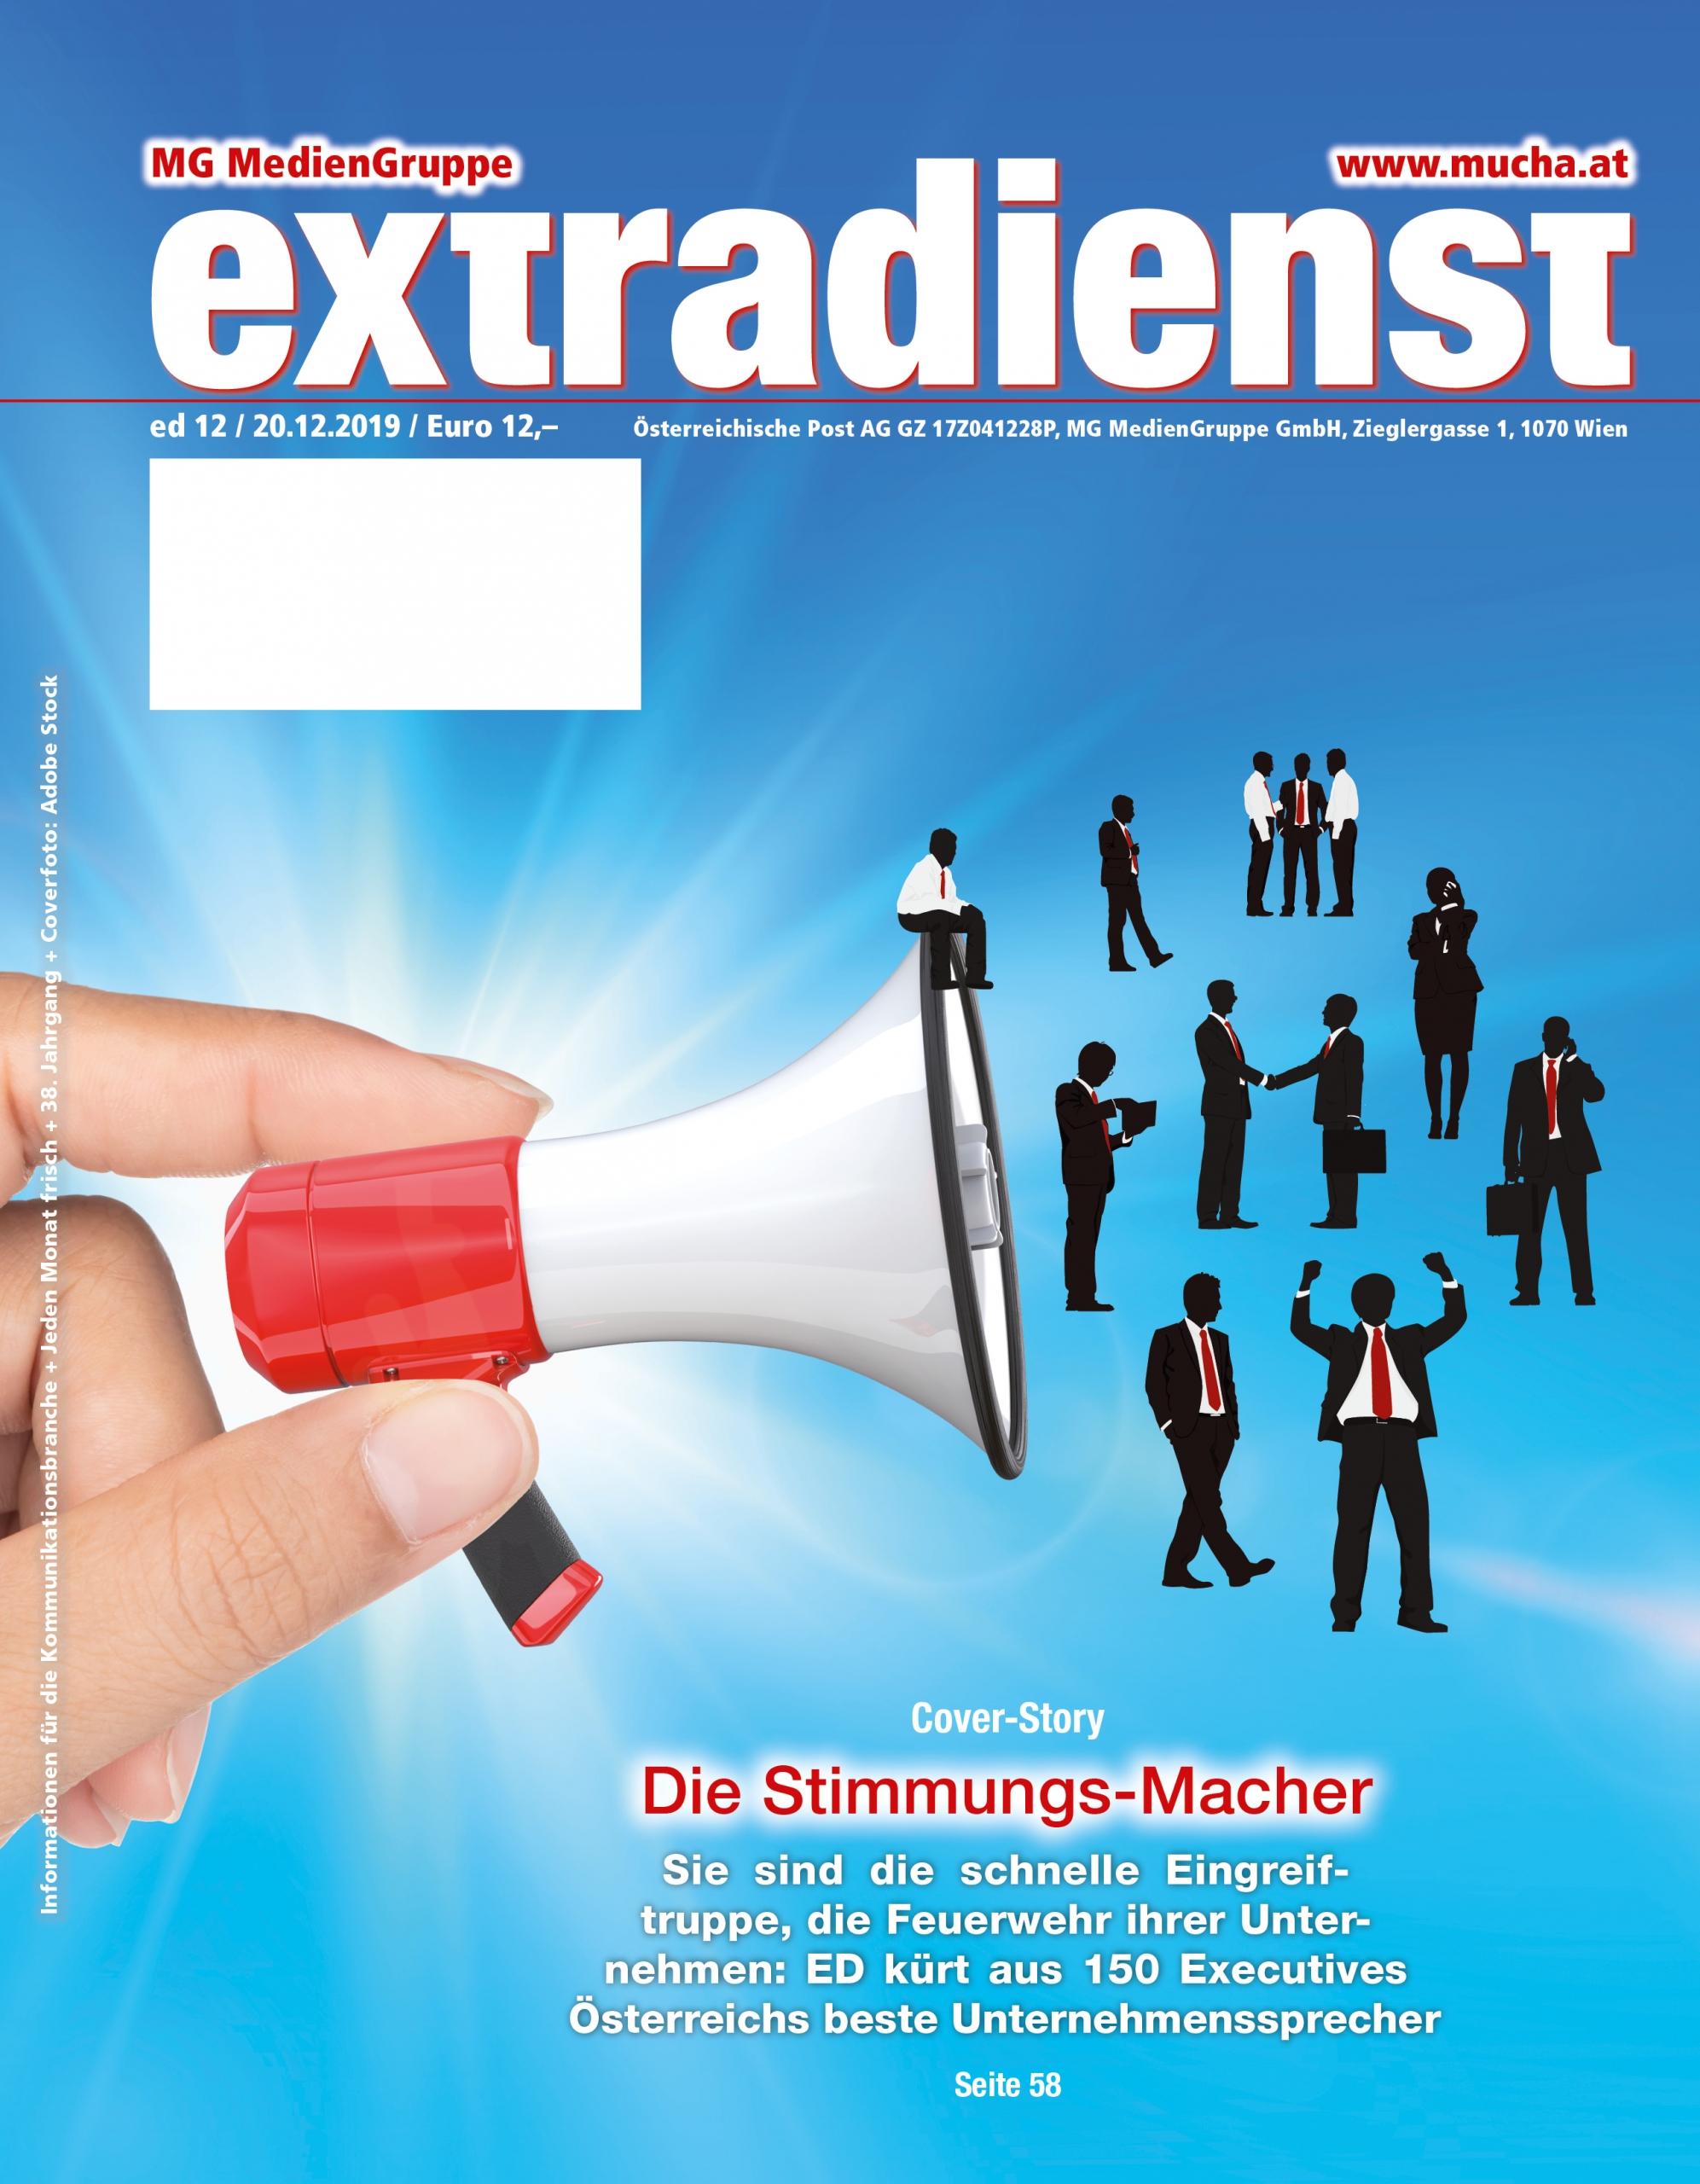 ED kürt beste Pressesprecher Österreichs